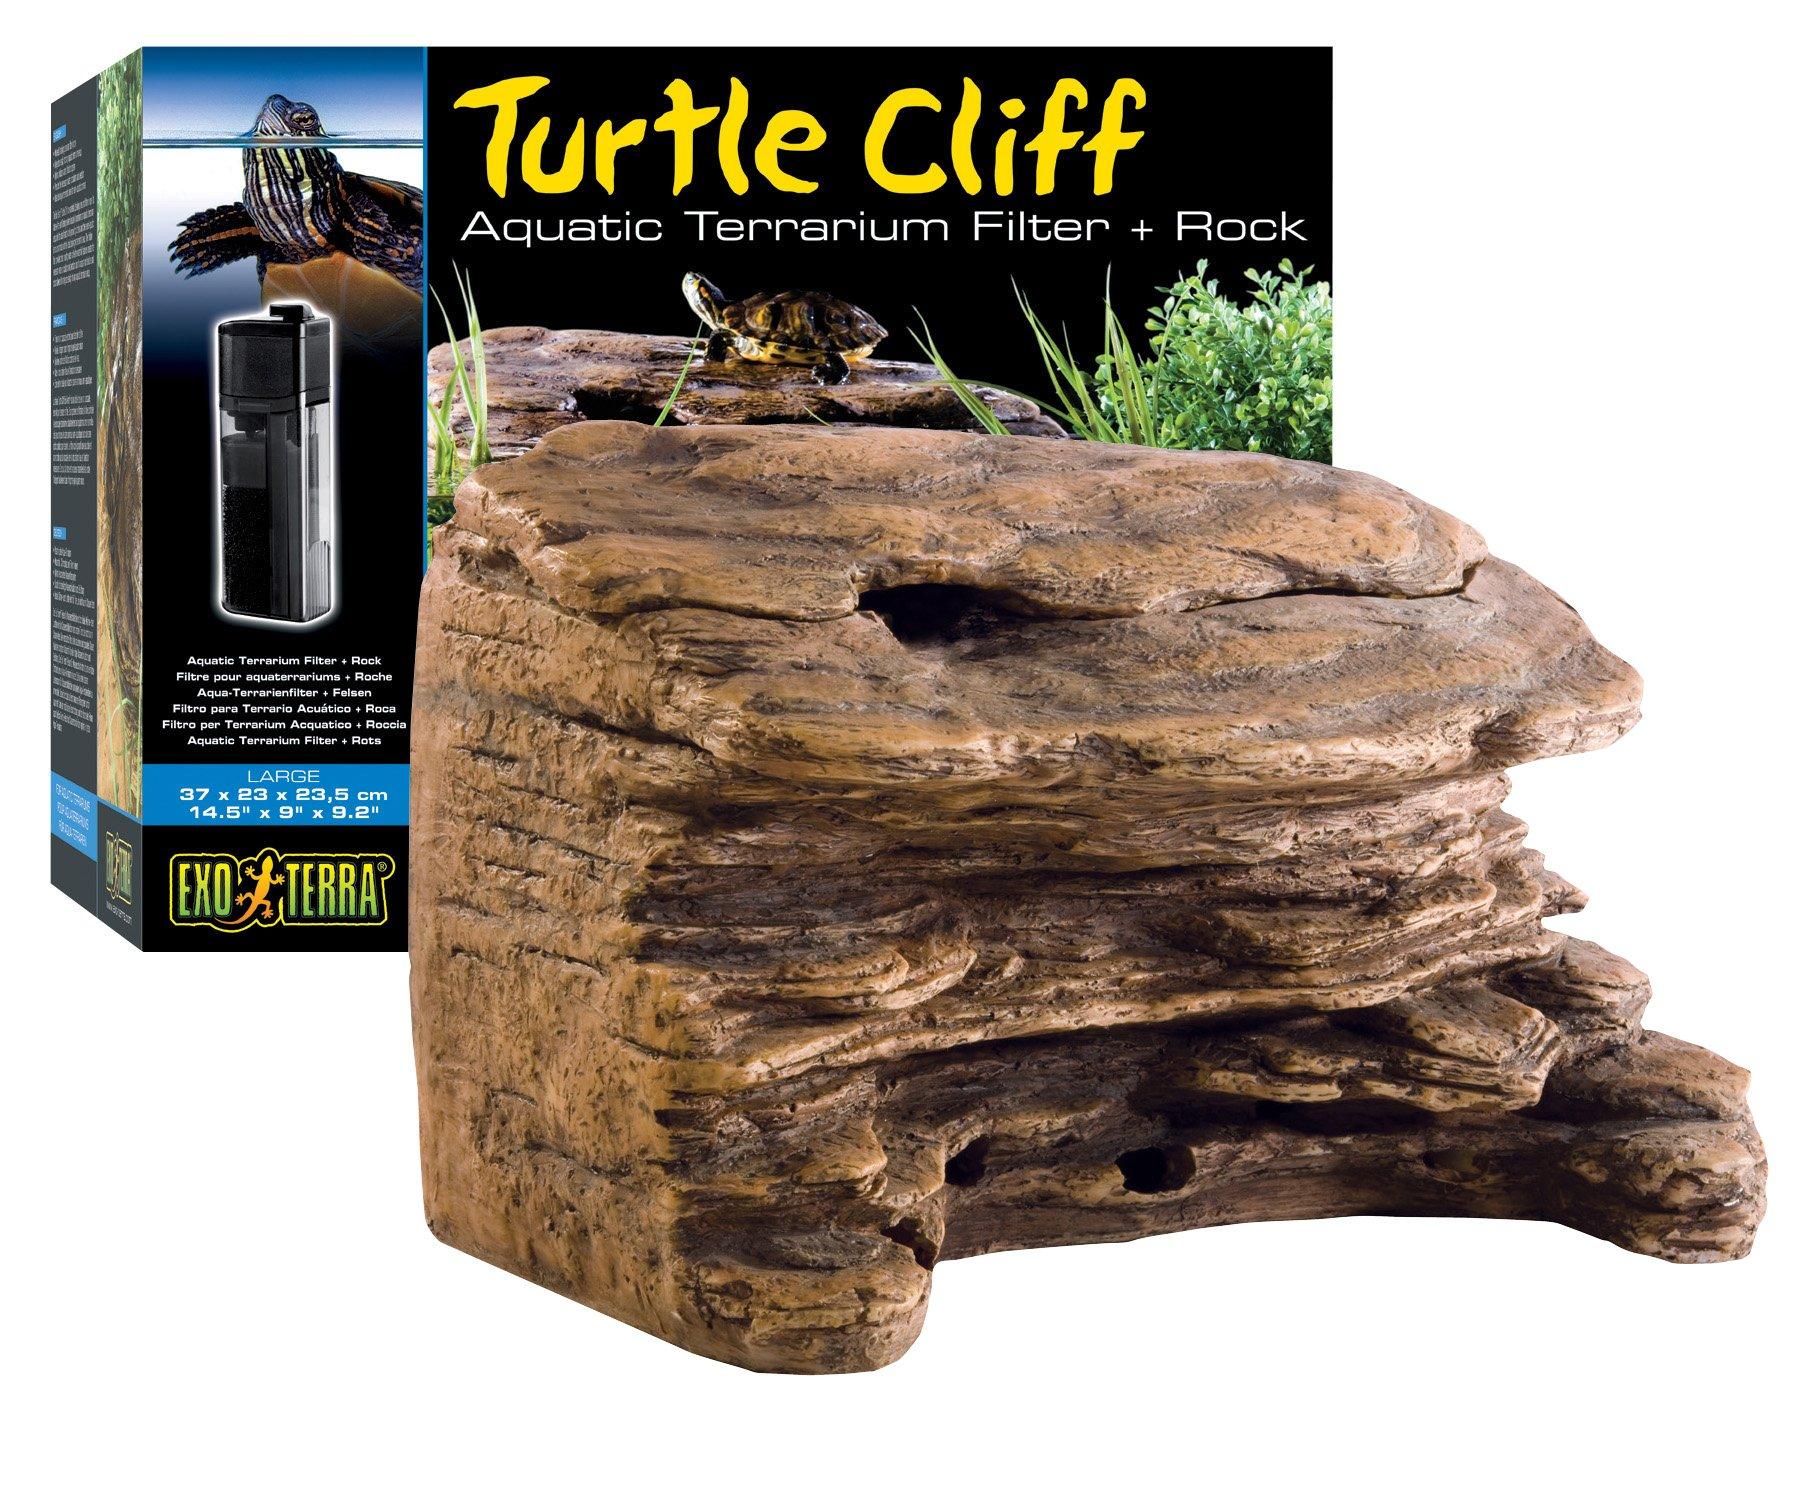 Exo Terra Turtle Cliff Aquatic Terrarium Filter/Rock, Large